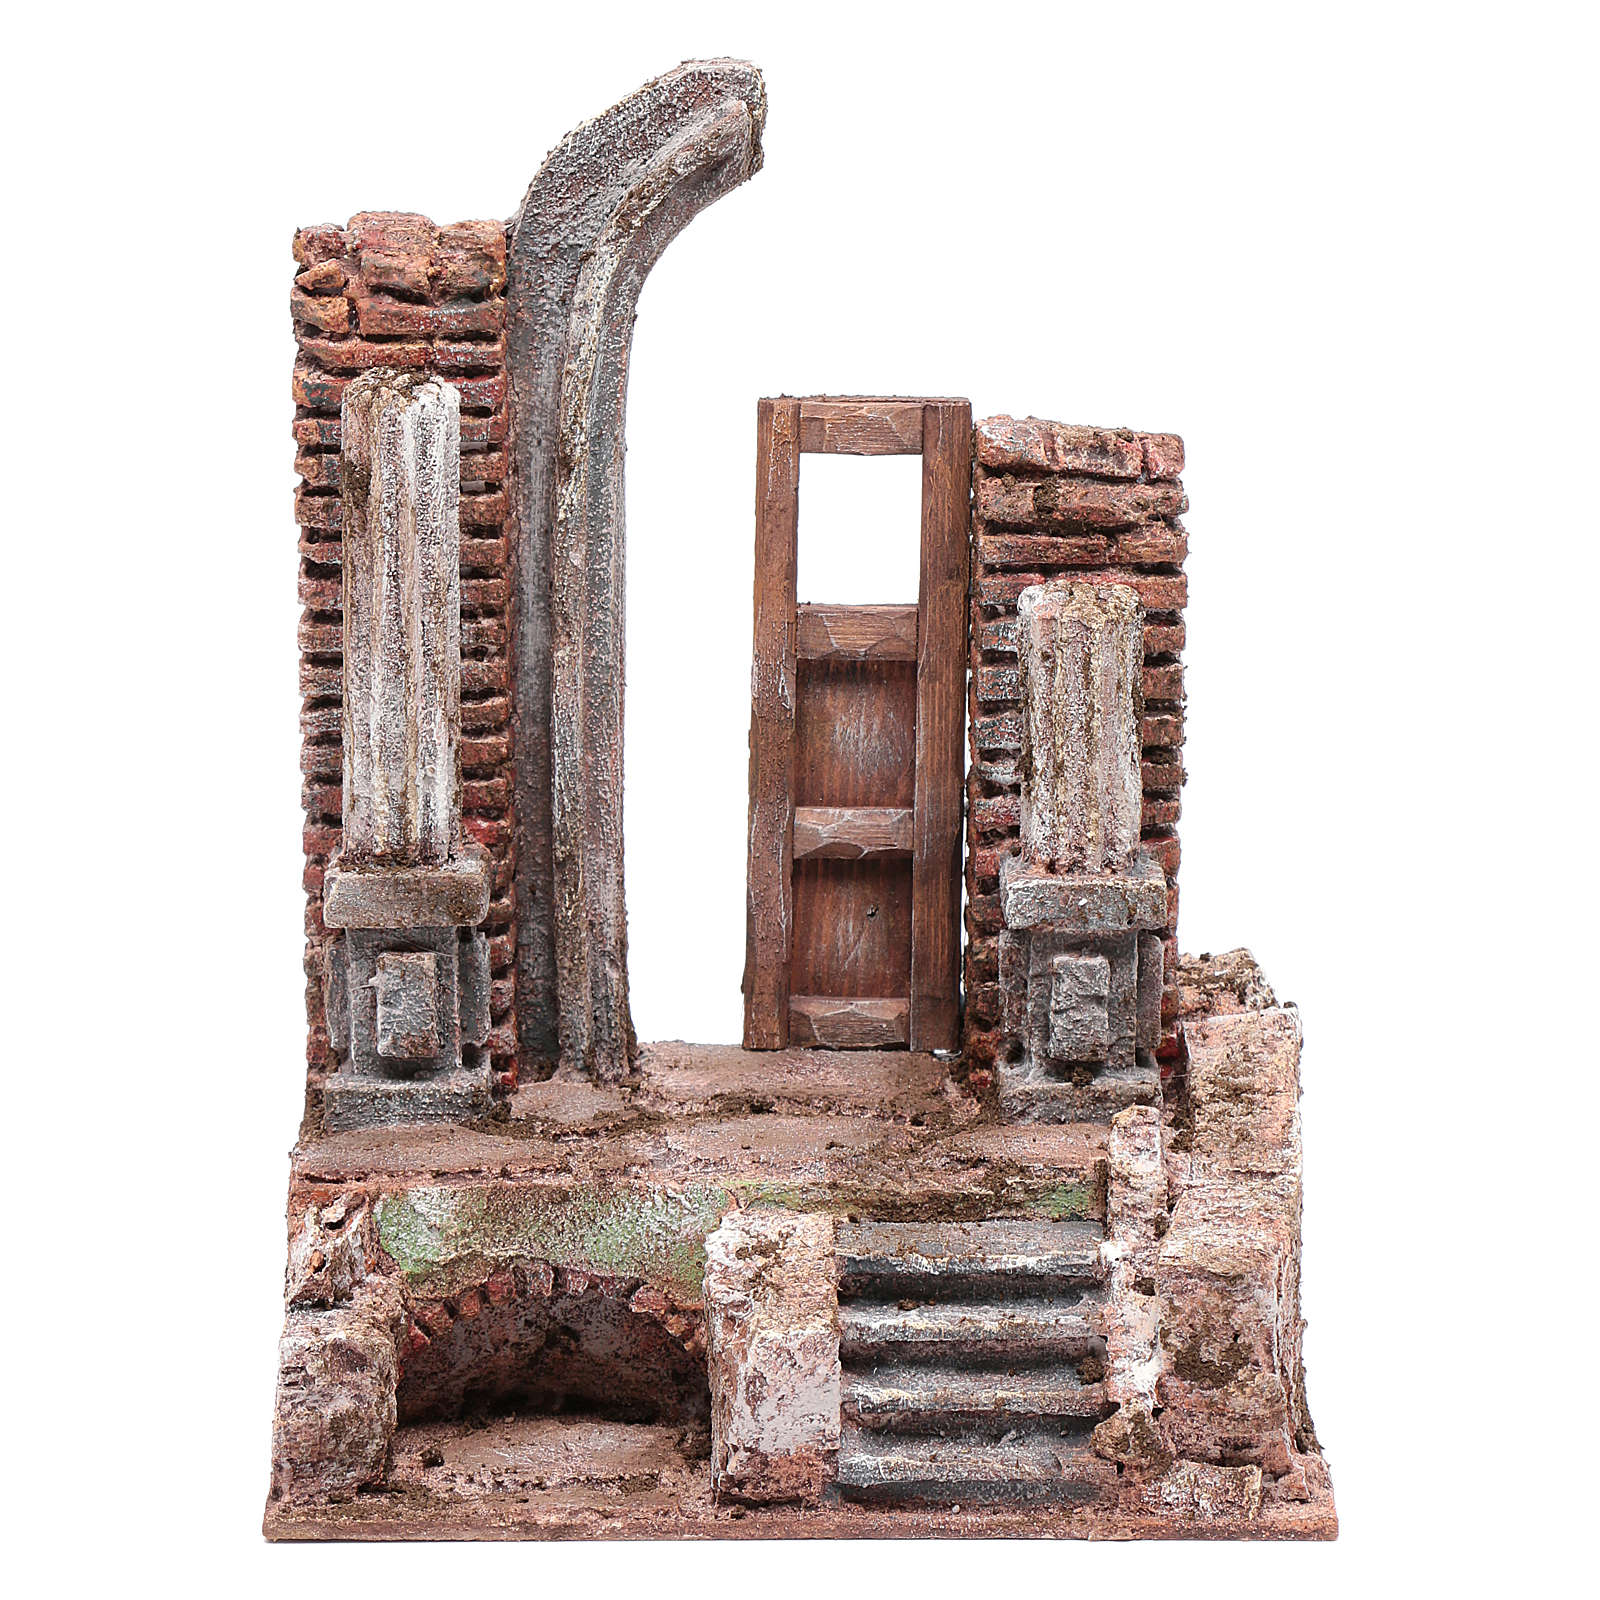 Tempio porta e mezzo arco 25x20x15 cm 4